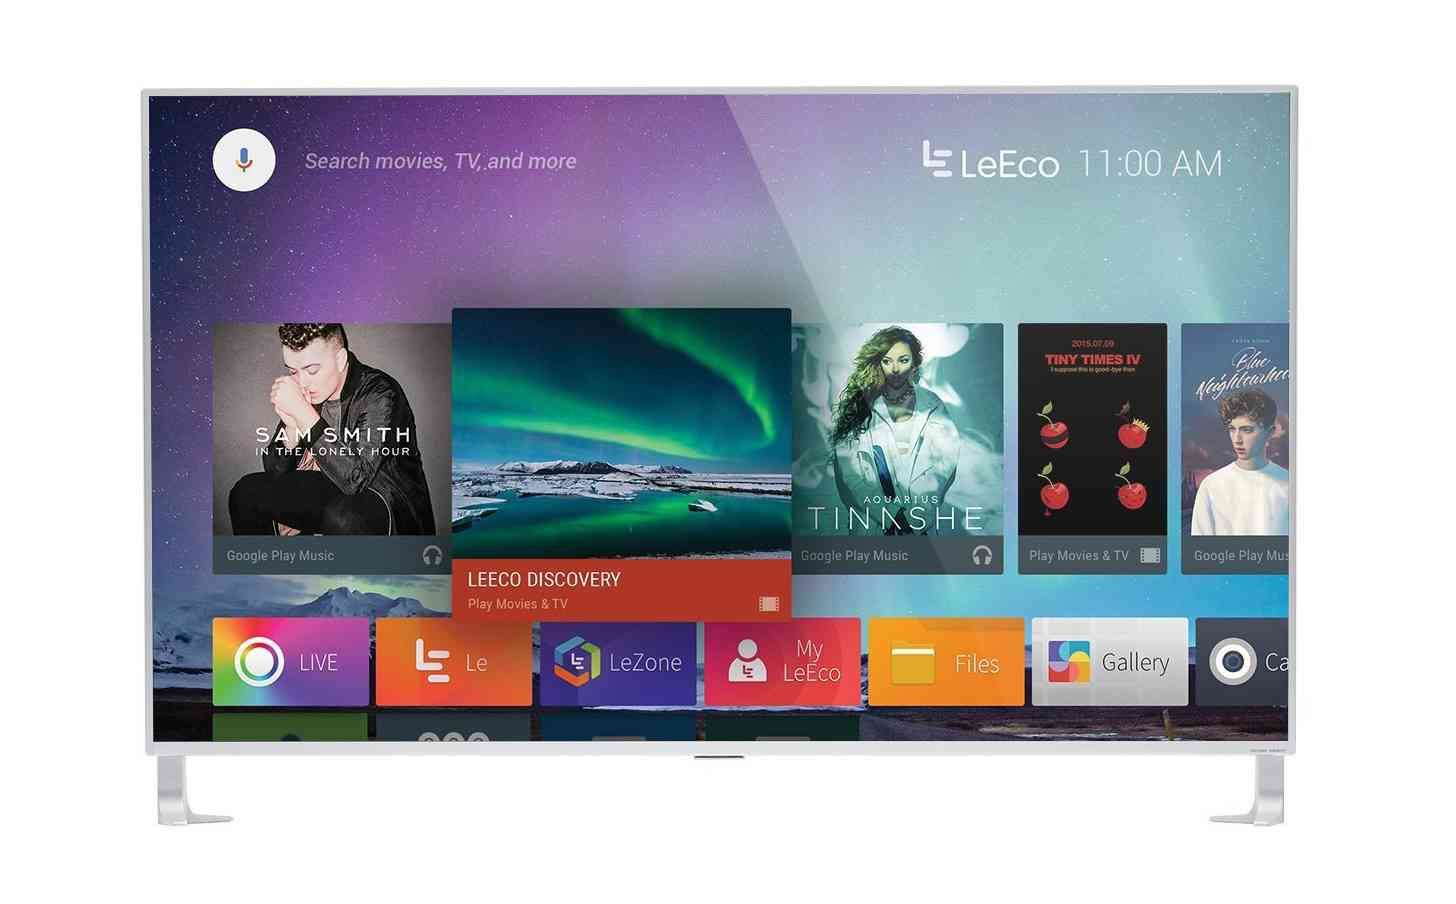 LeEco smart TV